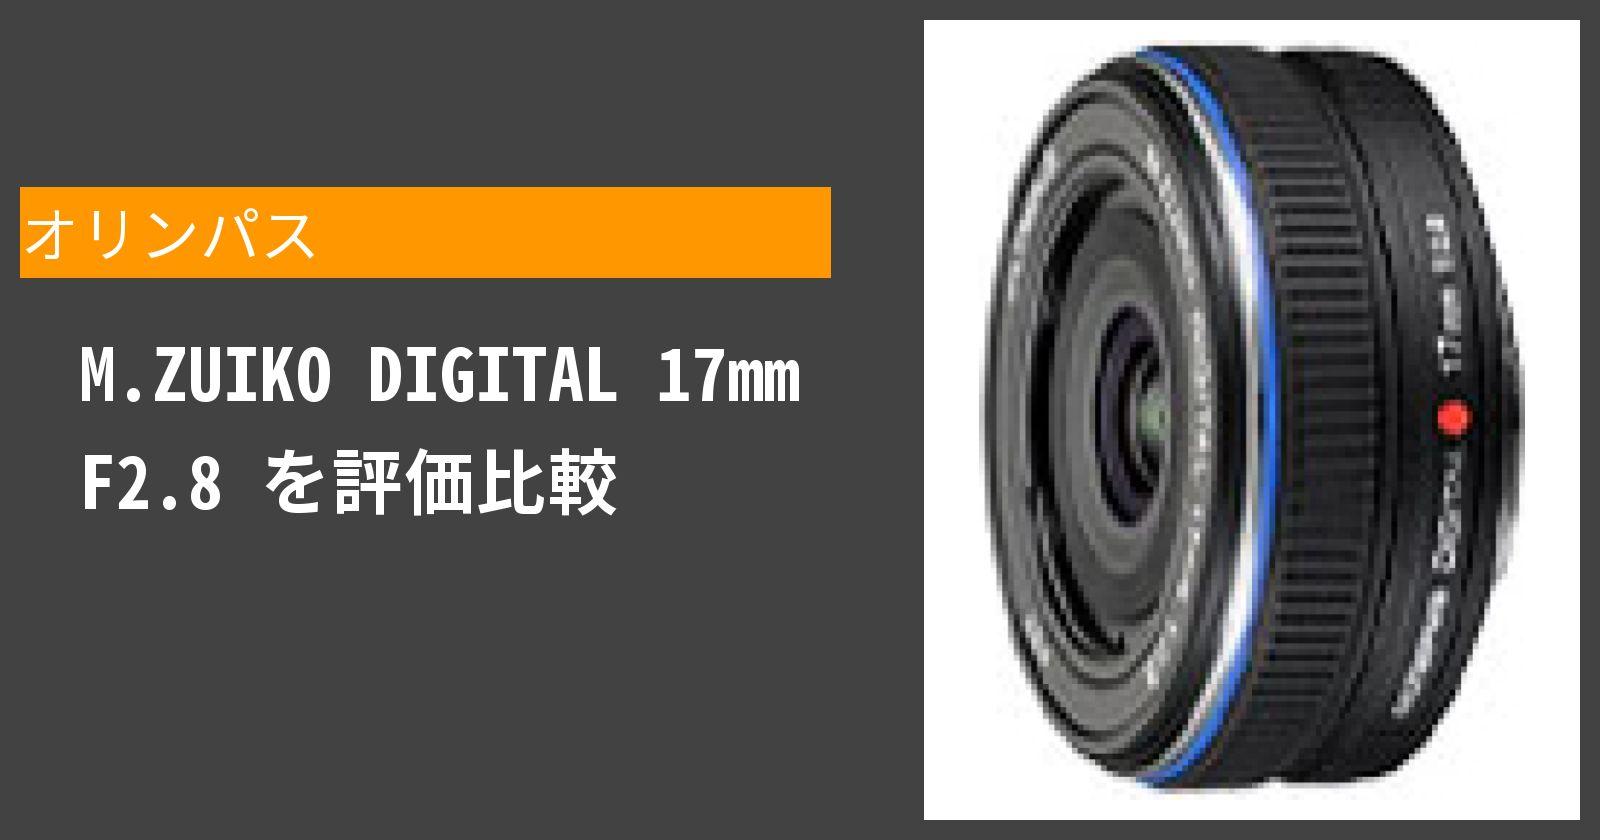 M.ZUIKO DIGITAL 17mm F2.8を徹底評価